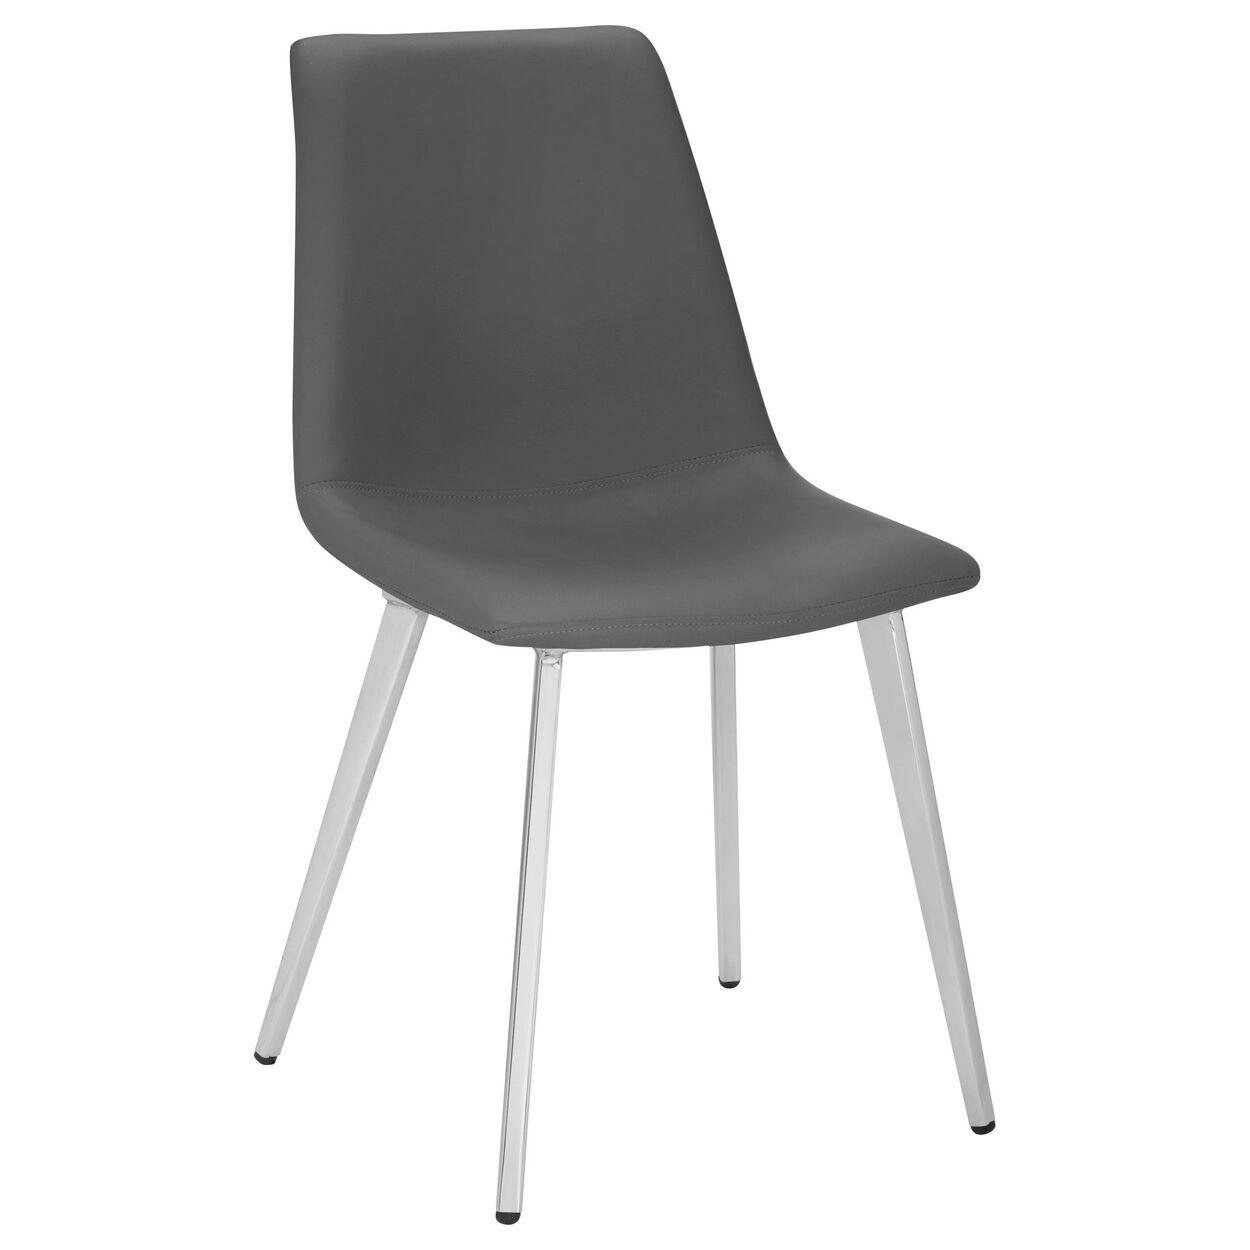 Accessoire Salle De Bain Bouclair ~ chaise de salle manger en similicuir et en chrome bouclair com